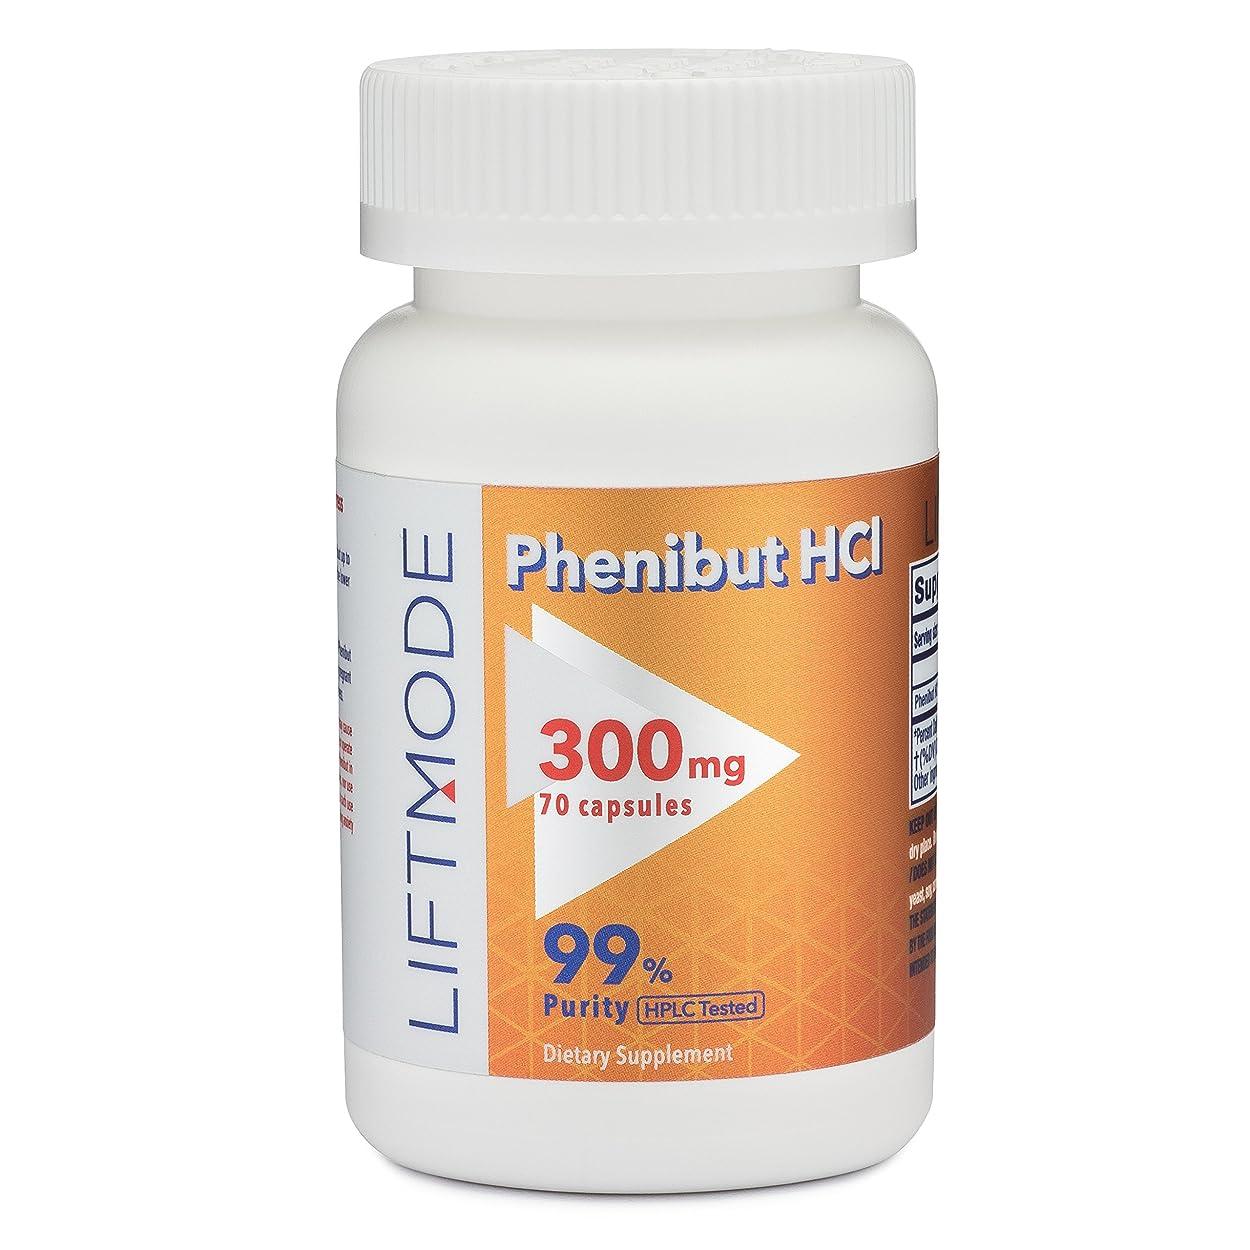 起業家バルク同級生フェニビュート HCl 300MG カプセル 70粒 - Phenibut HCl 300MG capsules 70 count